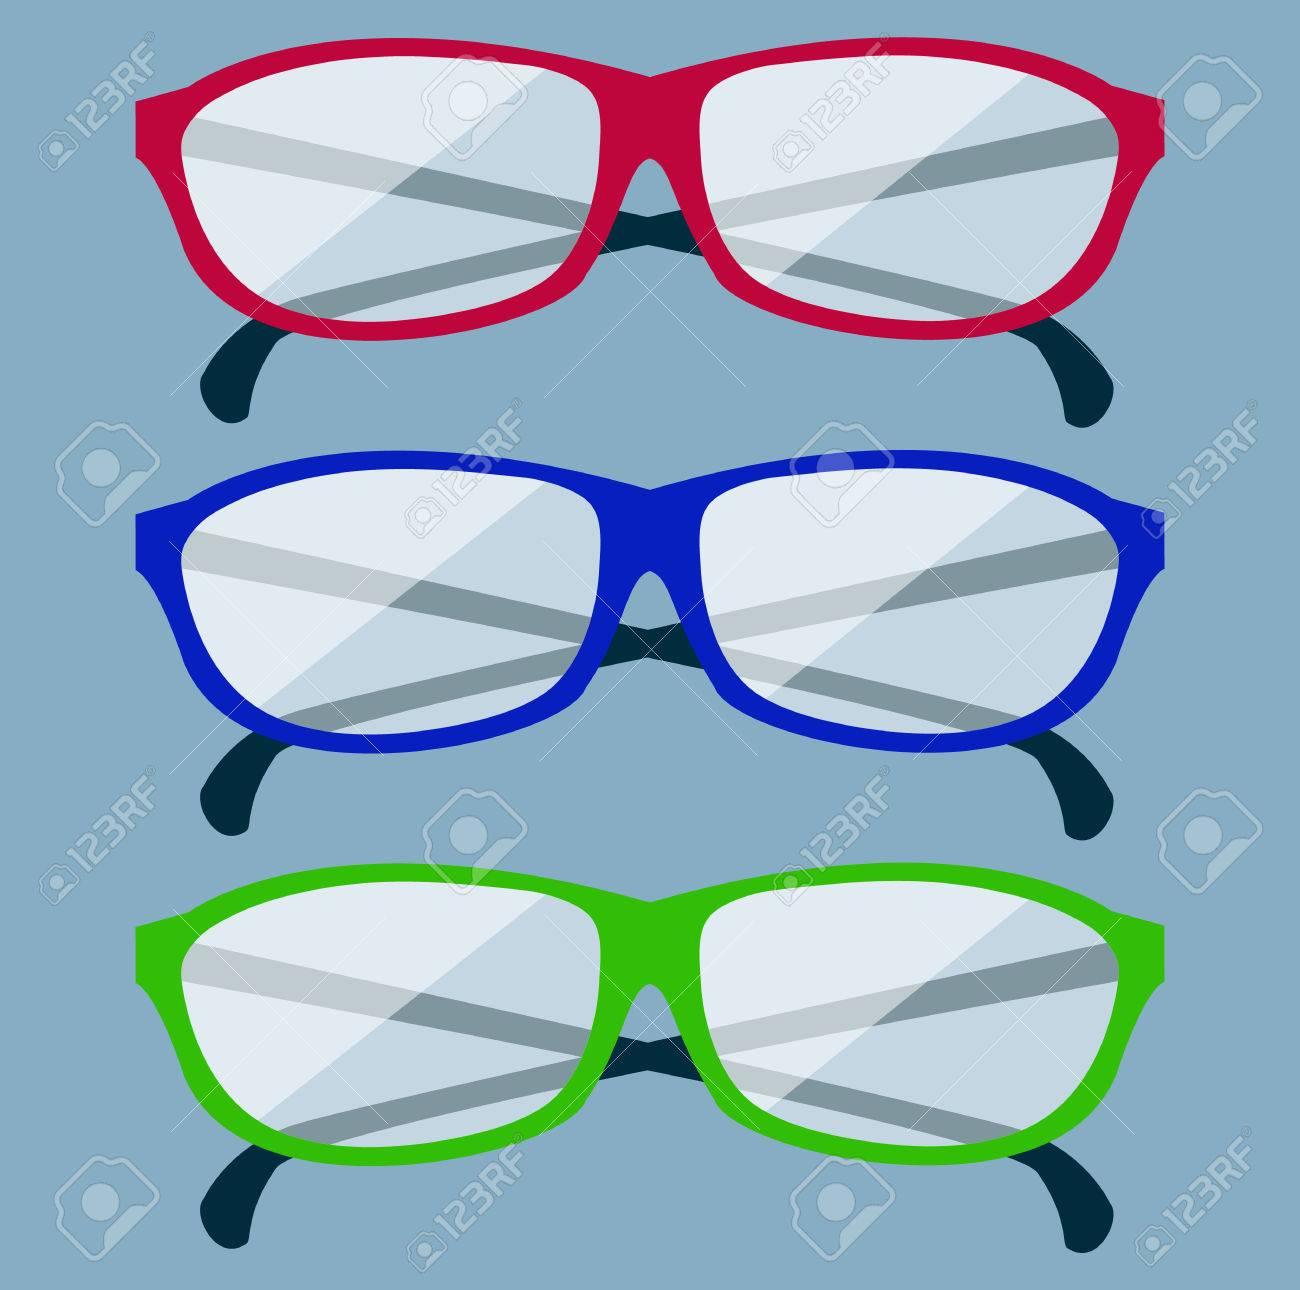 90d7768c9c2c23 Klassieke bril pictogram. Glazen geïsoleerd. Glazen modelpictogrammen